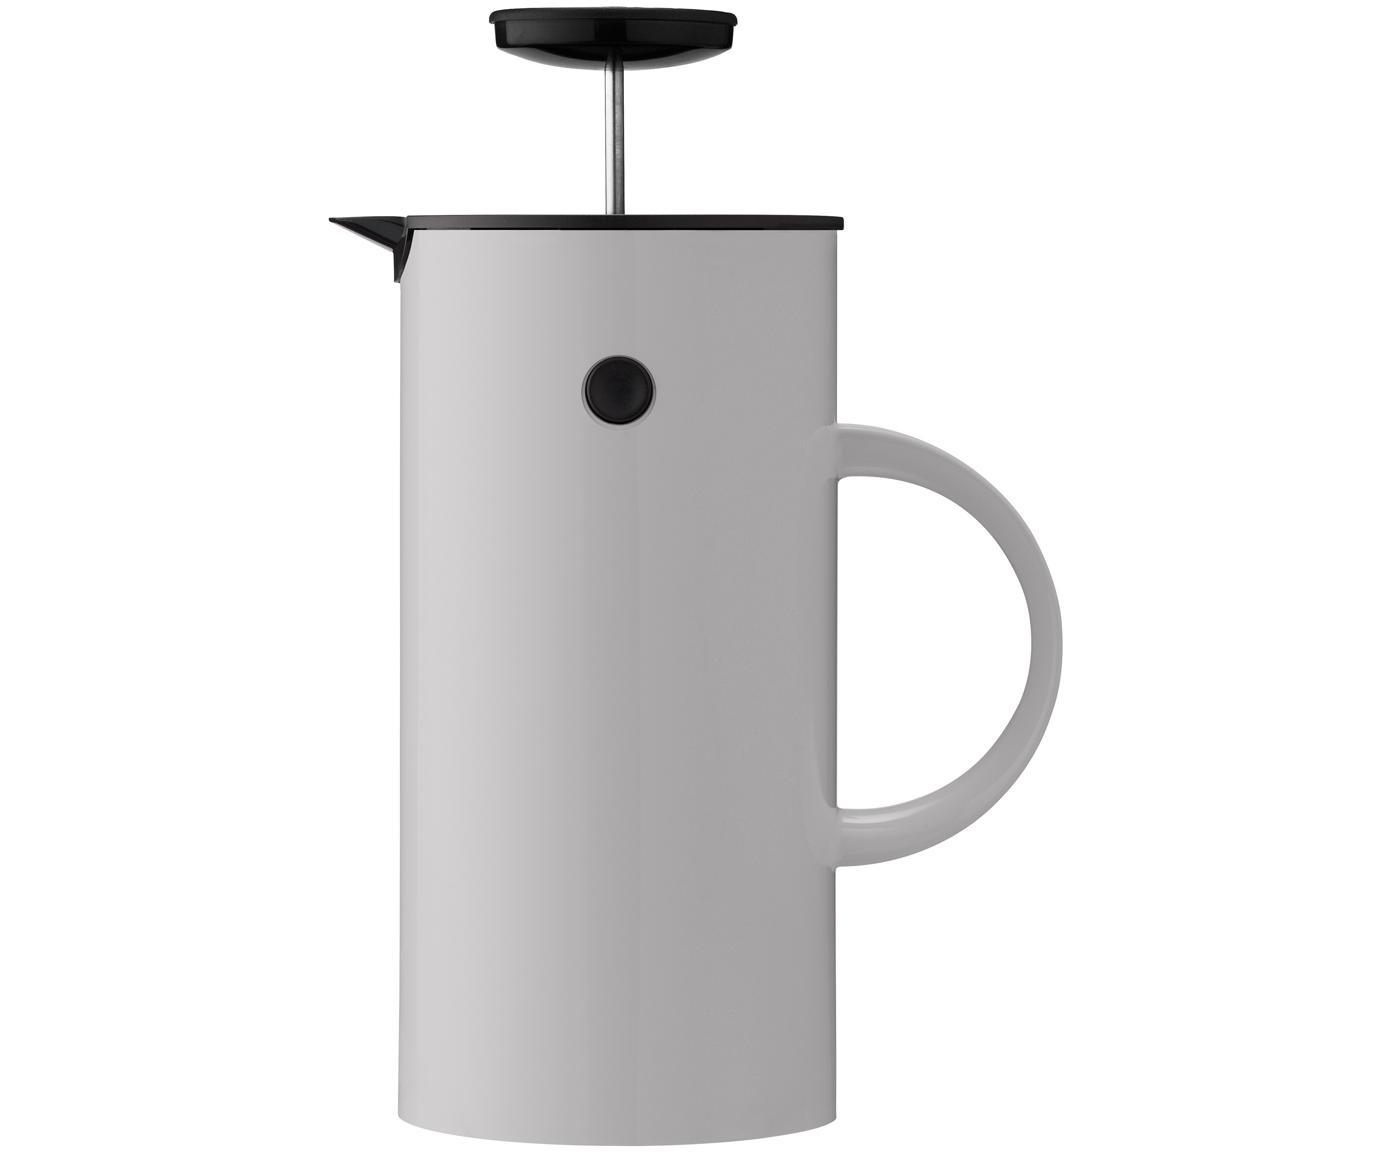 Teiera in grigio lucido EM, Esterno: acciaio inossidabile, riv, Interno: materiale sintetico ABS, Grigio chiaro, 1 l